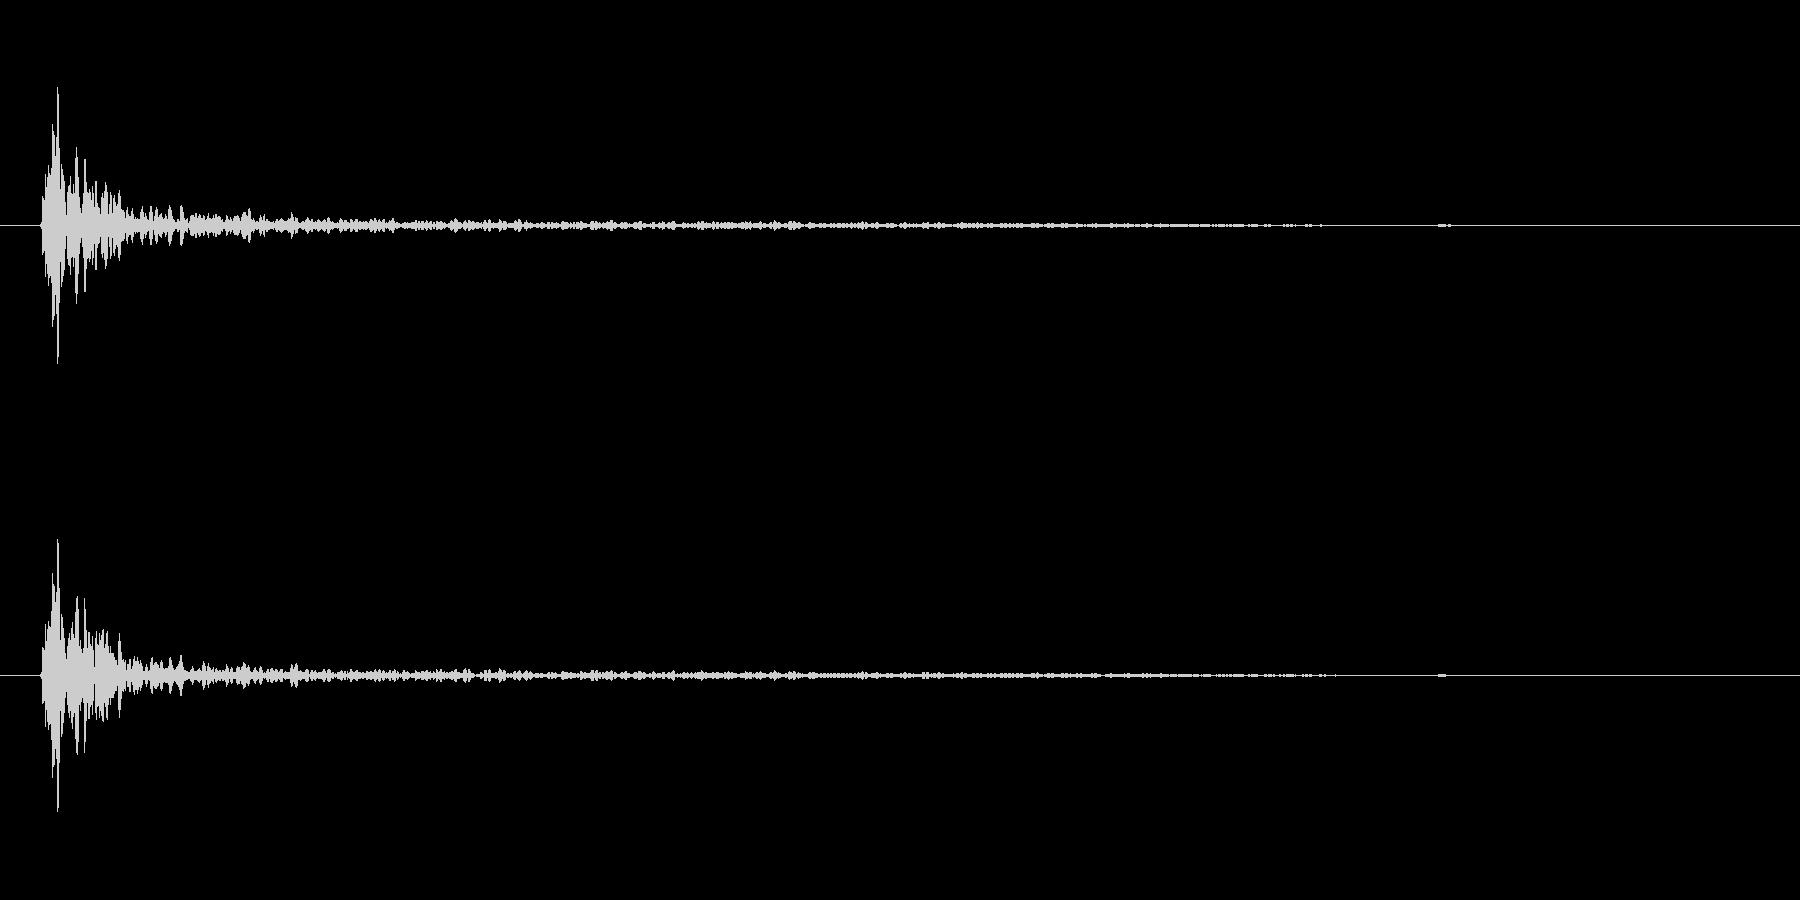 大砲の音バリエーション2の未再生の波形